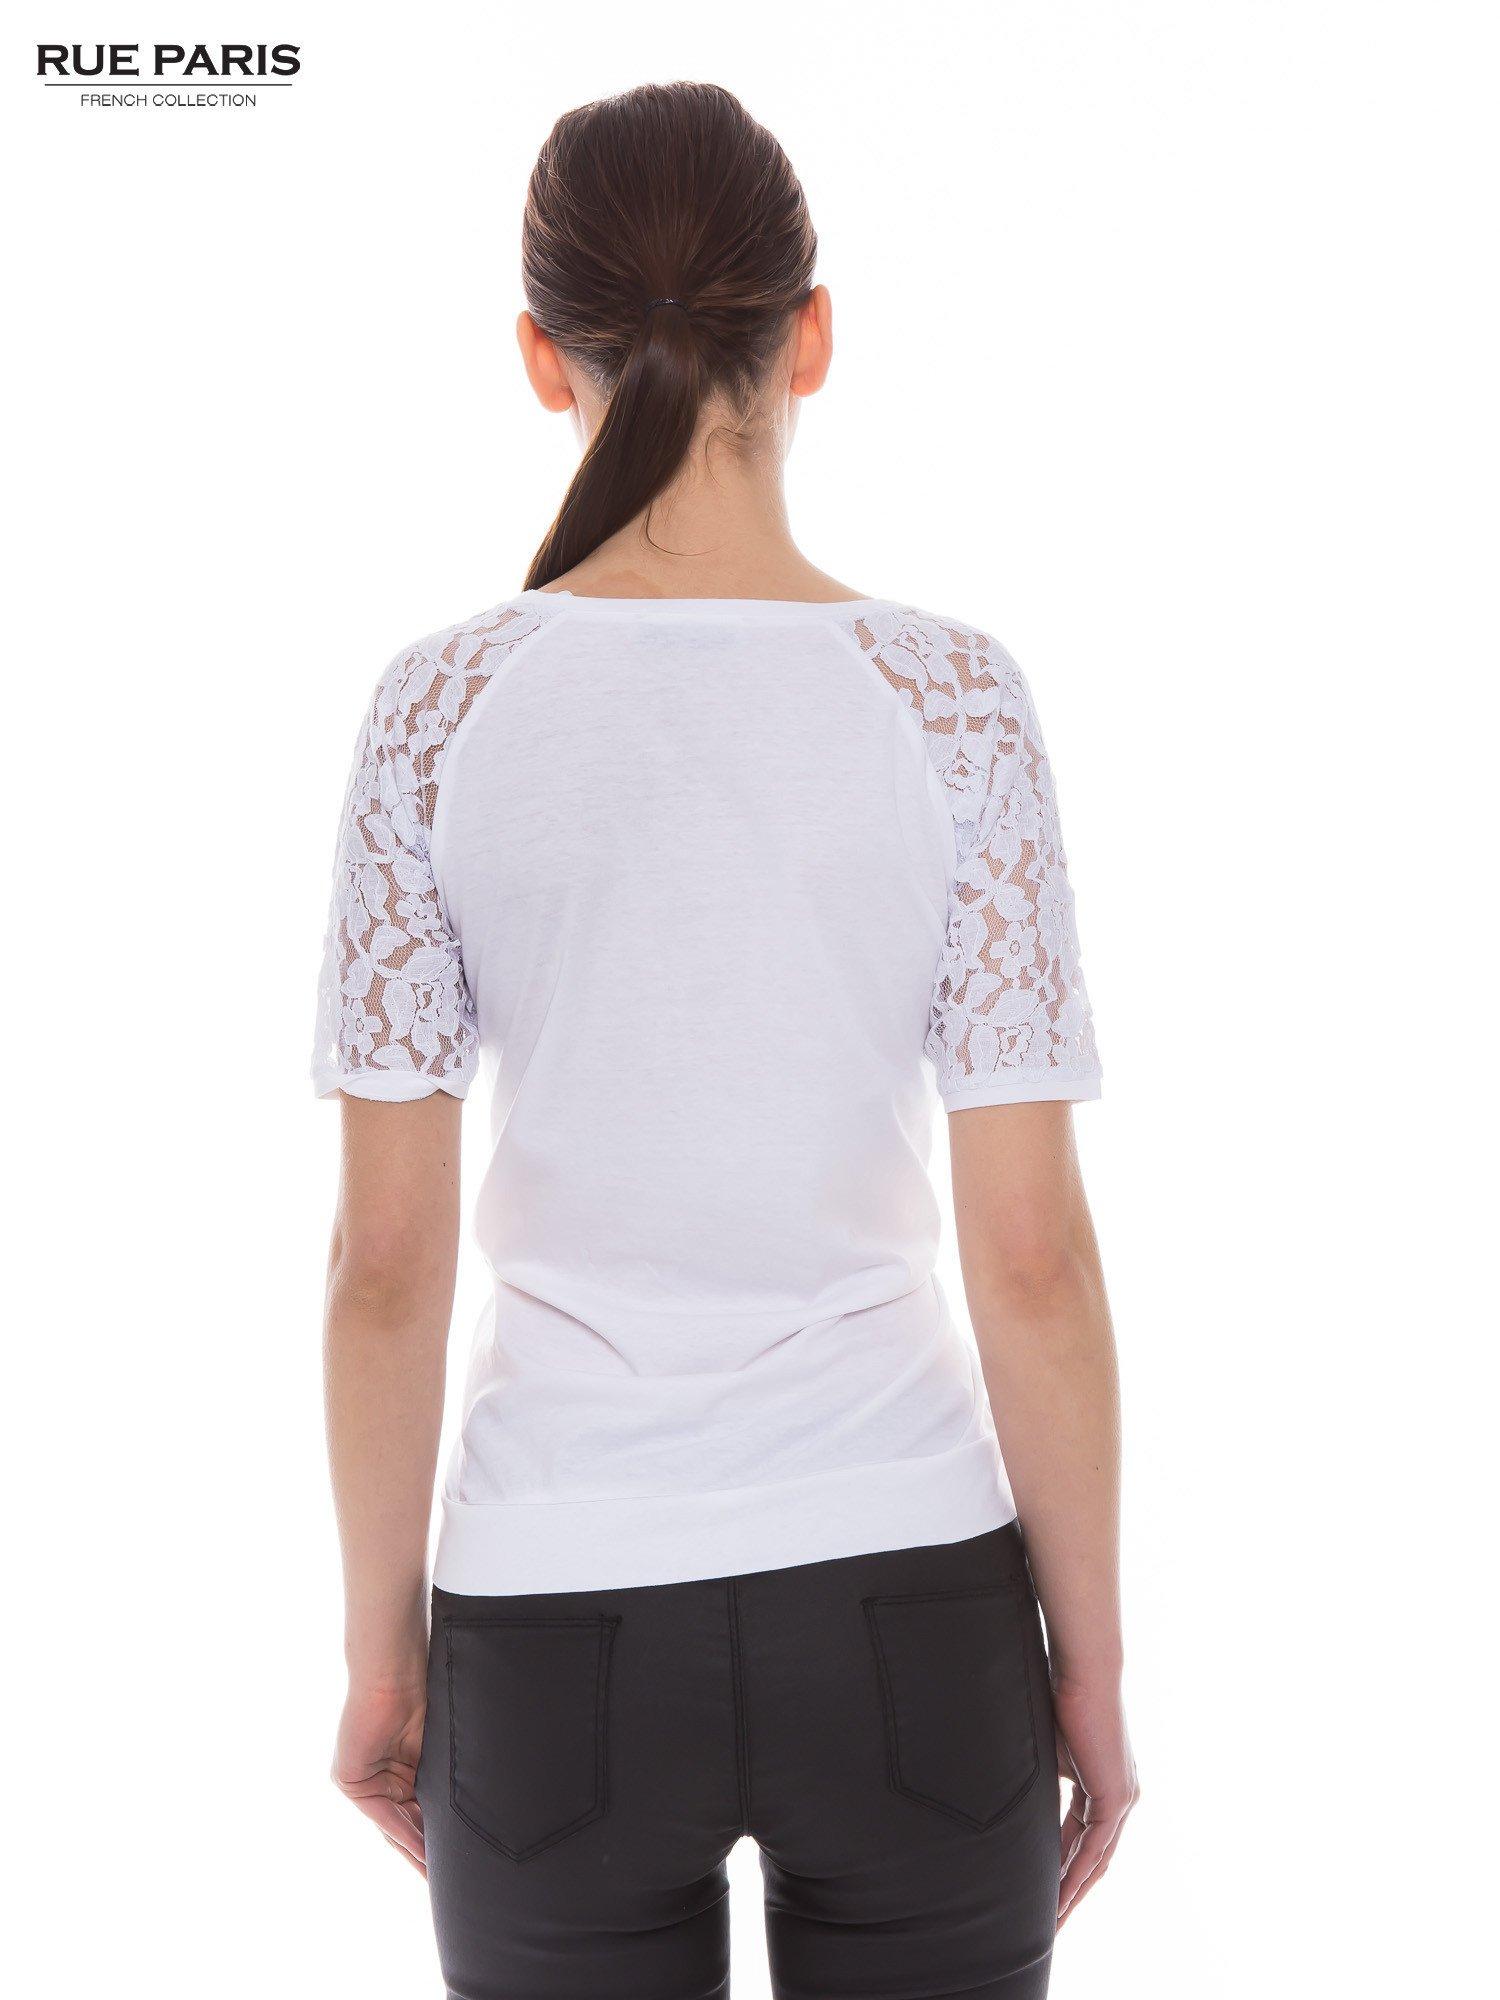 Biały t-shirt z koronkowymi rękawami długości 3/4                                  zdj.                                  3